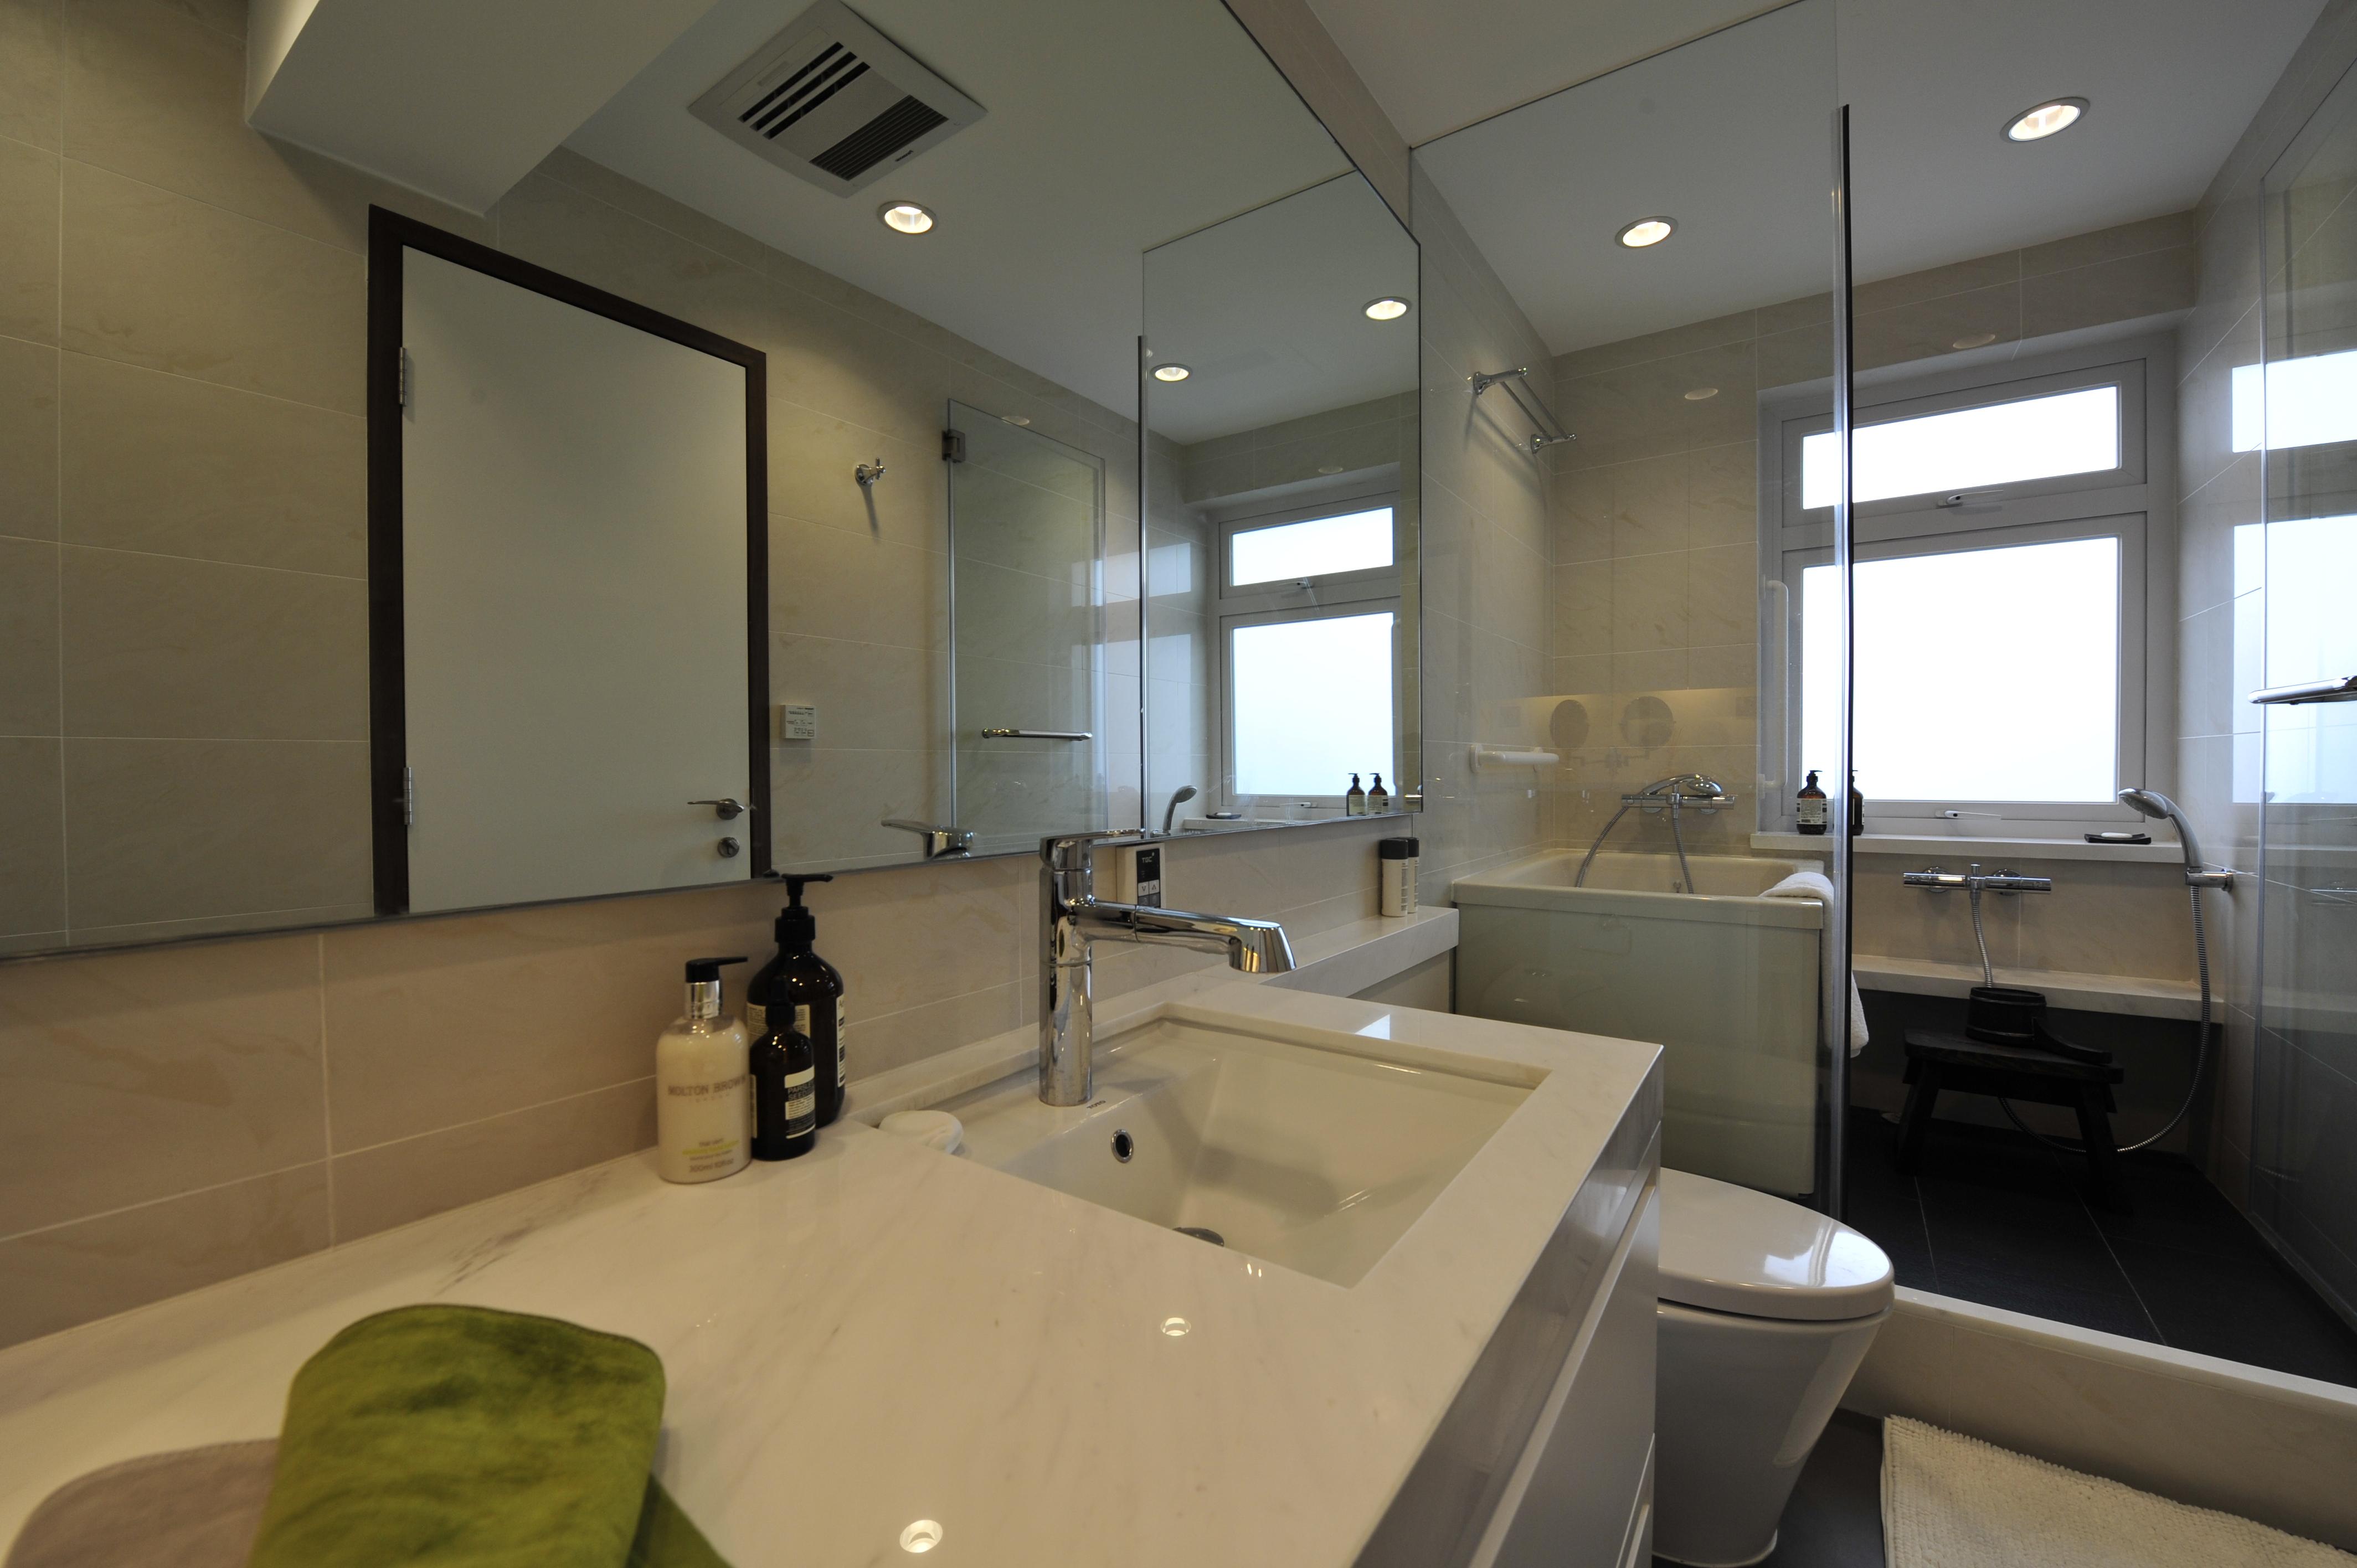 家居設計 Home Design HK 和室 Japanese Style Home (12)